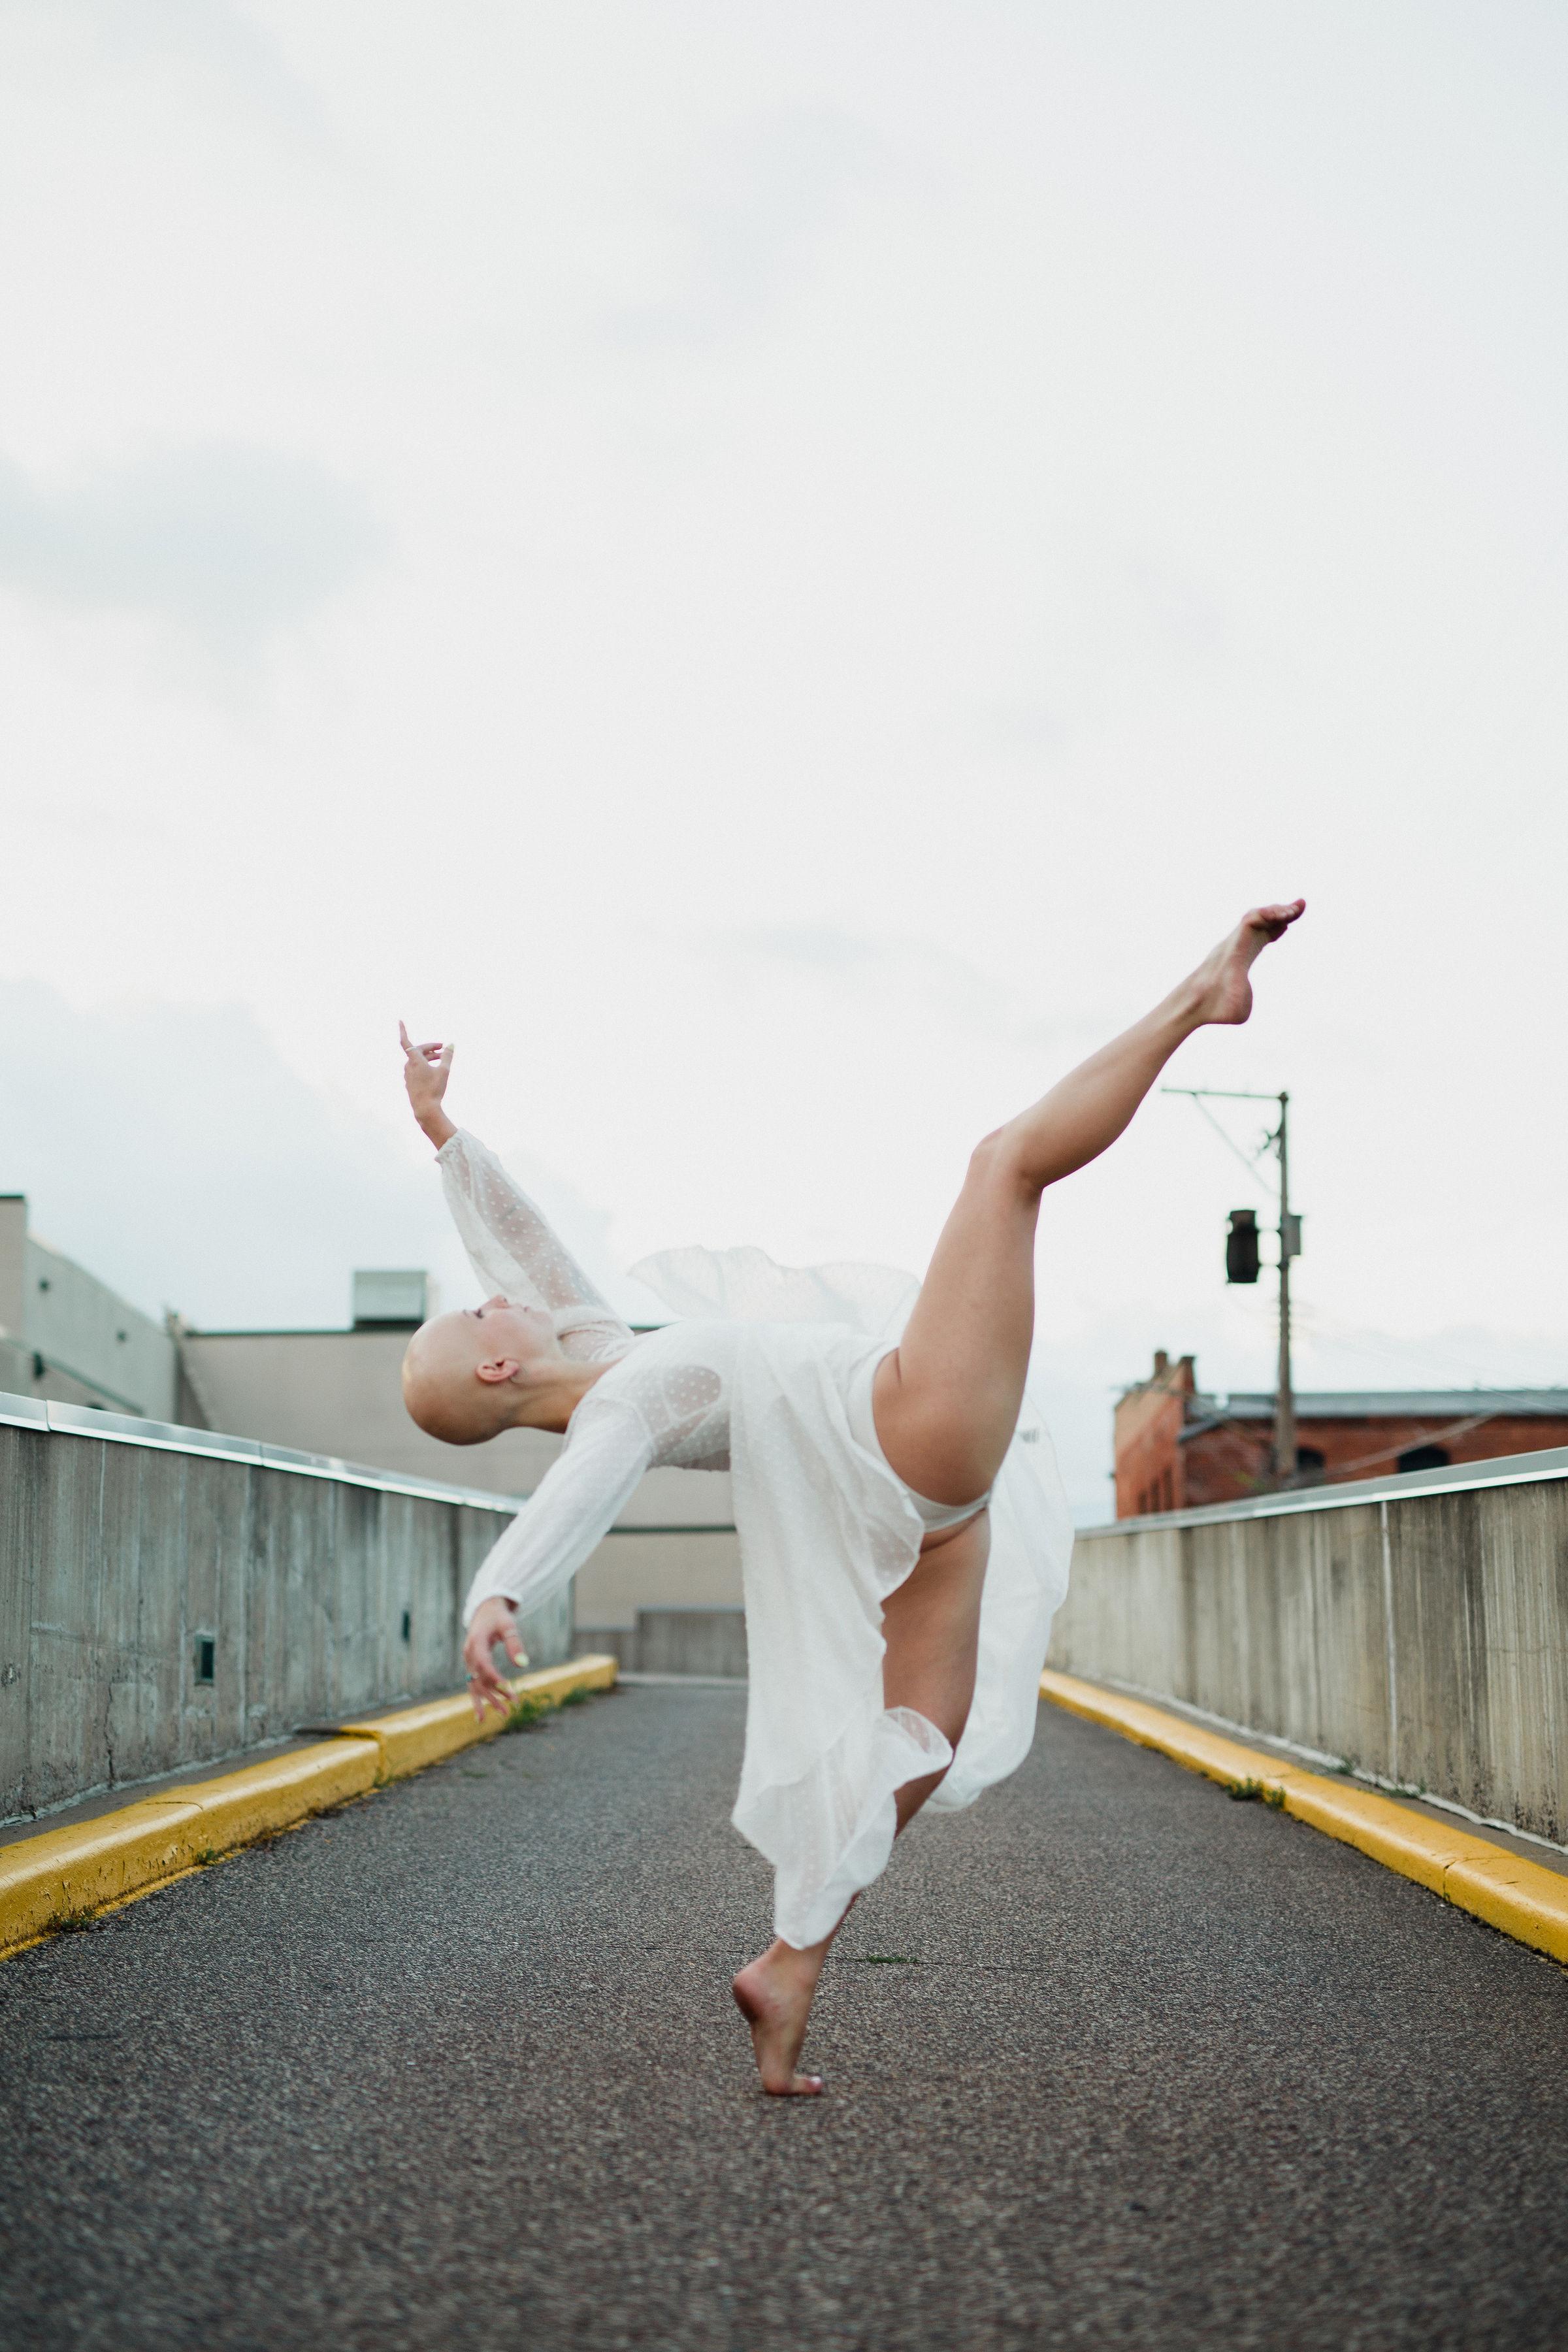 7.10.19_DesJardinsStudio_MadisonJordan_Dance_43.jpg